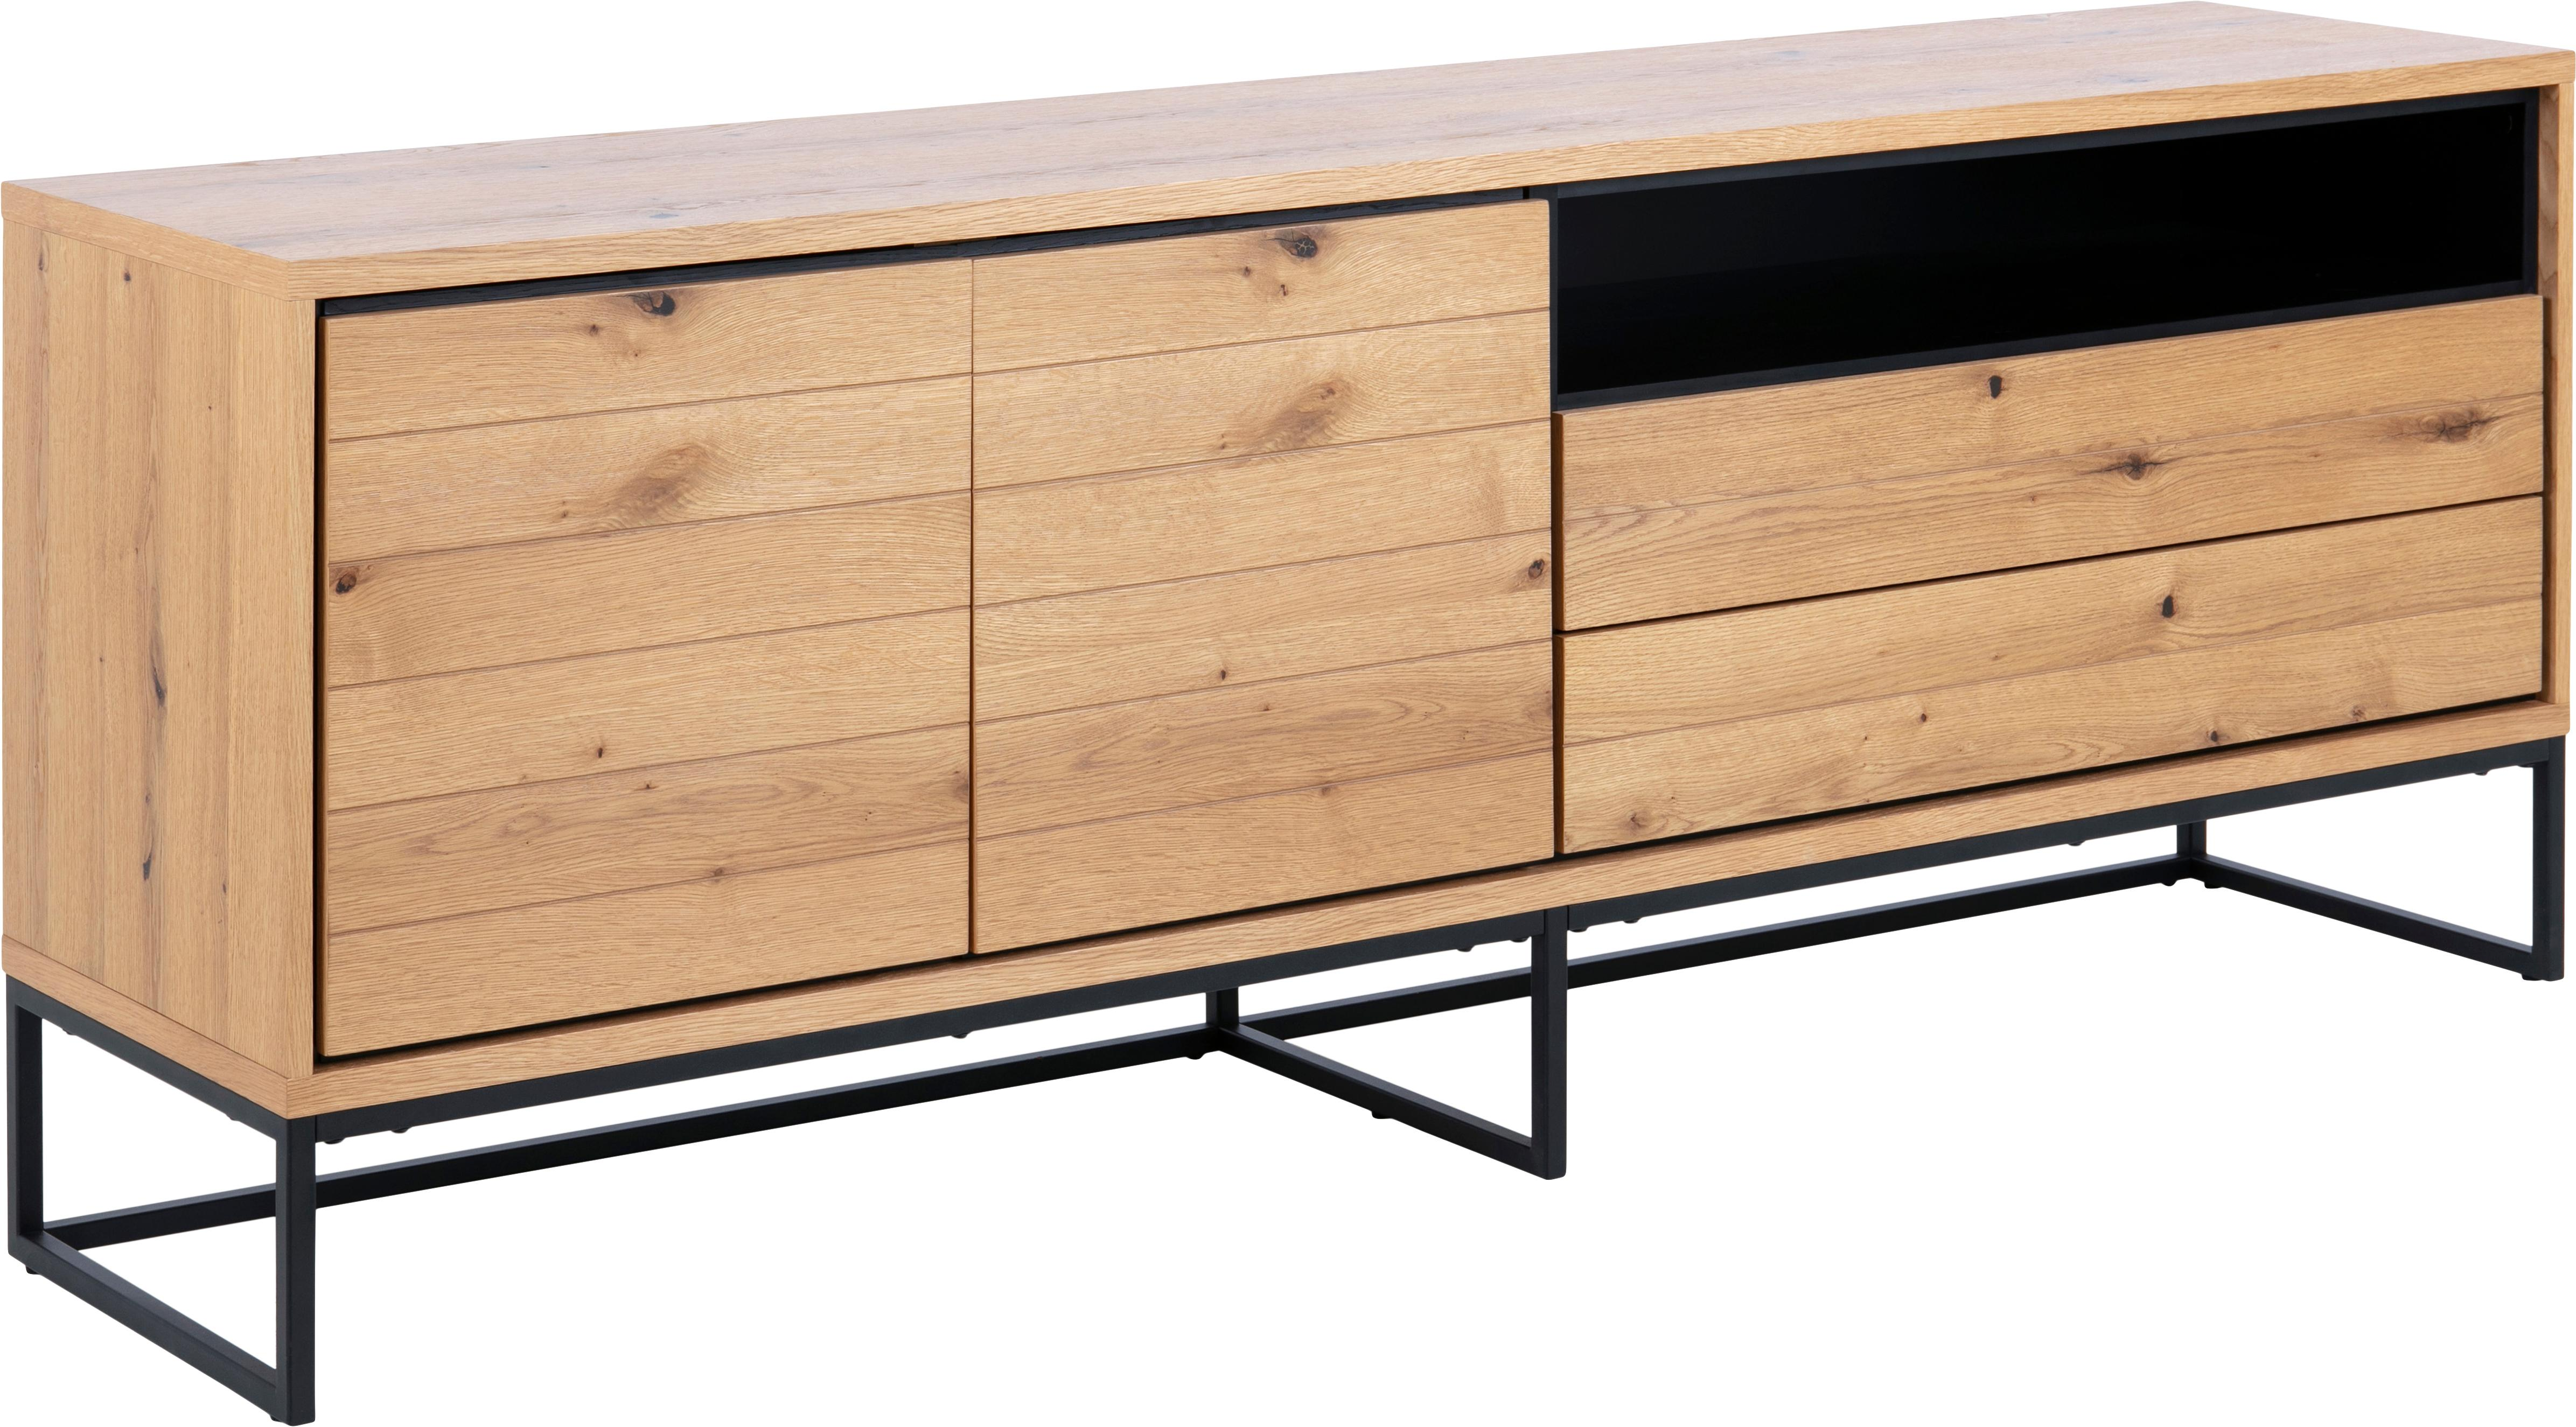 Sideboard Dalarna mit Eichenholzfurnier, Korpus: Mitteldichte Holzfaserpla, Wildeiche, Schwarz, 197 x 76 cm